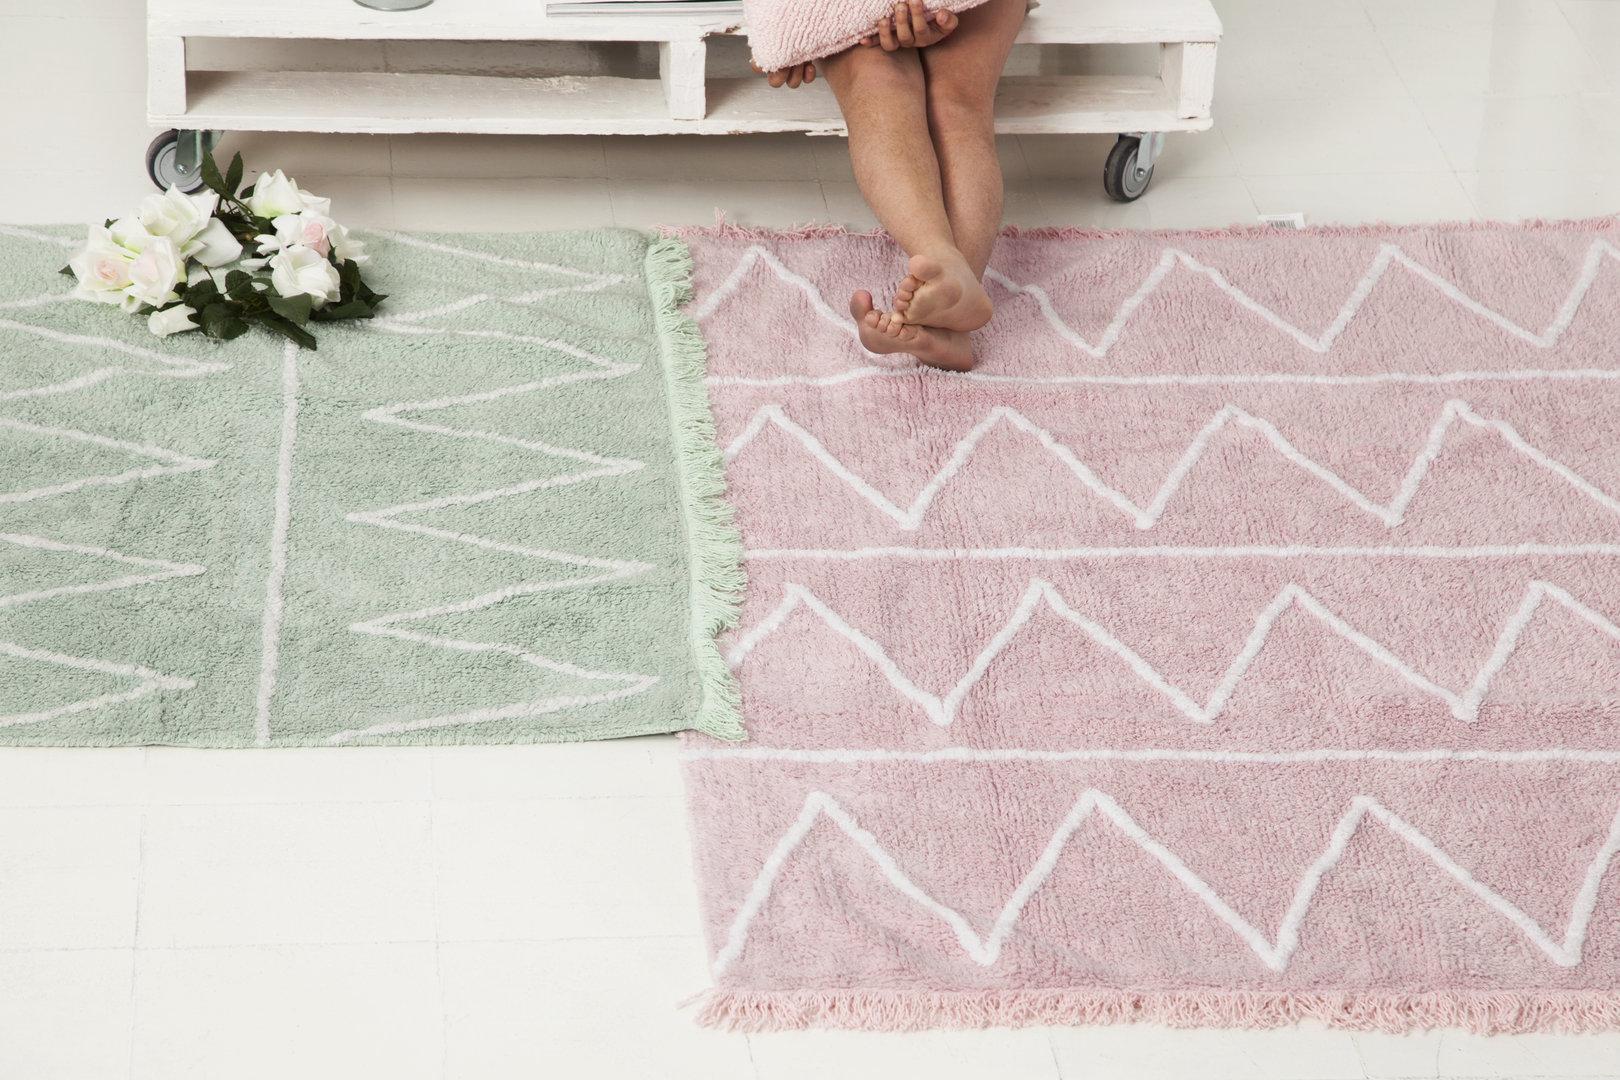 Alfombra lorena canals lavable hippy rosa suave enfants et maison - Alfombra algodon lavable ...